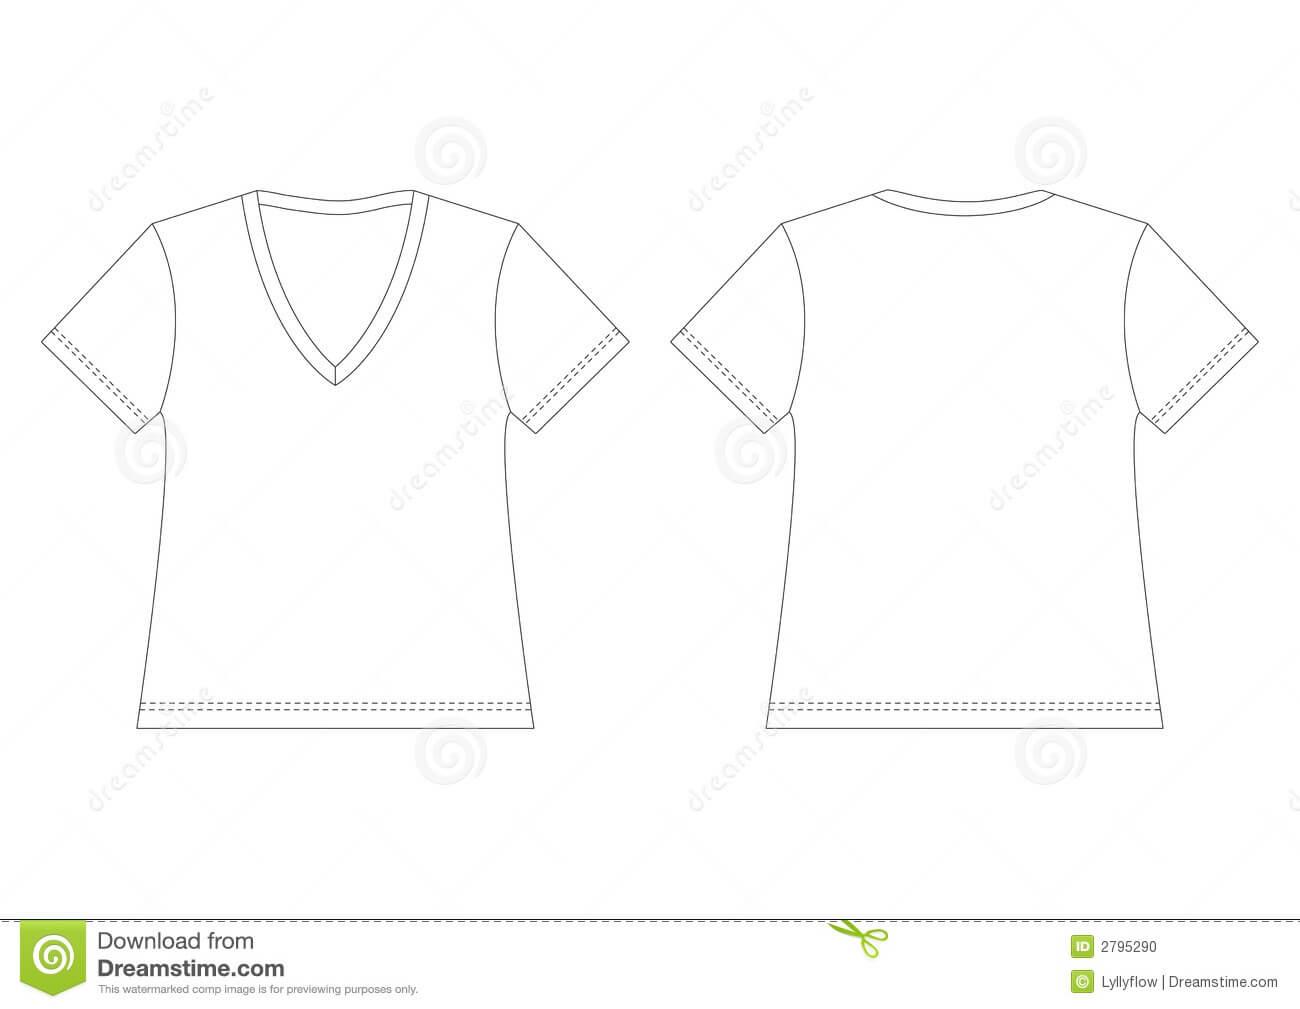 White V Neck T Shirt Stock Vector. Illustration Of Back For Blank V Neck T Shirt Template